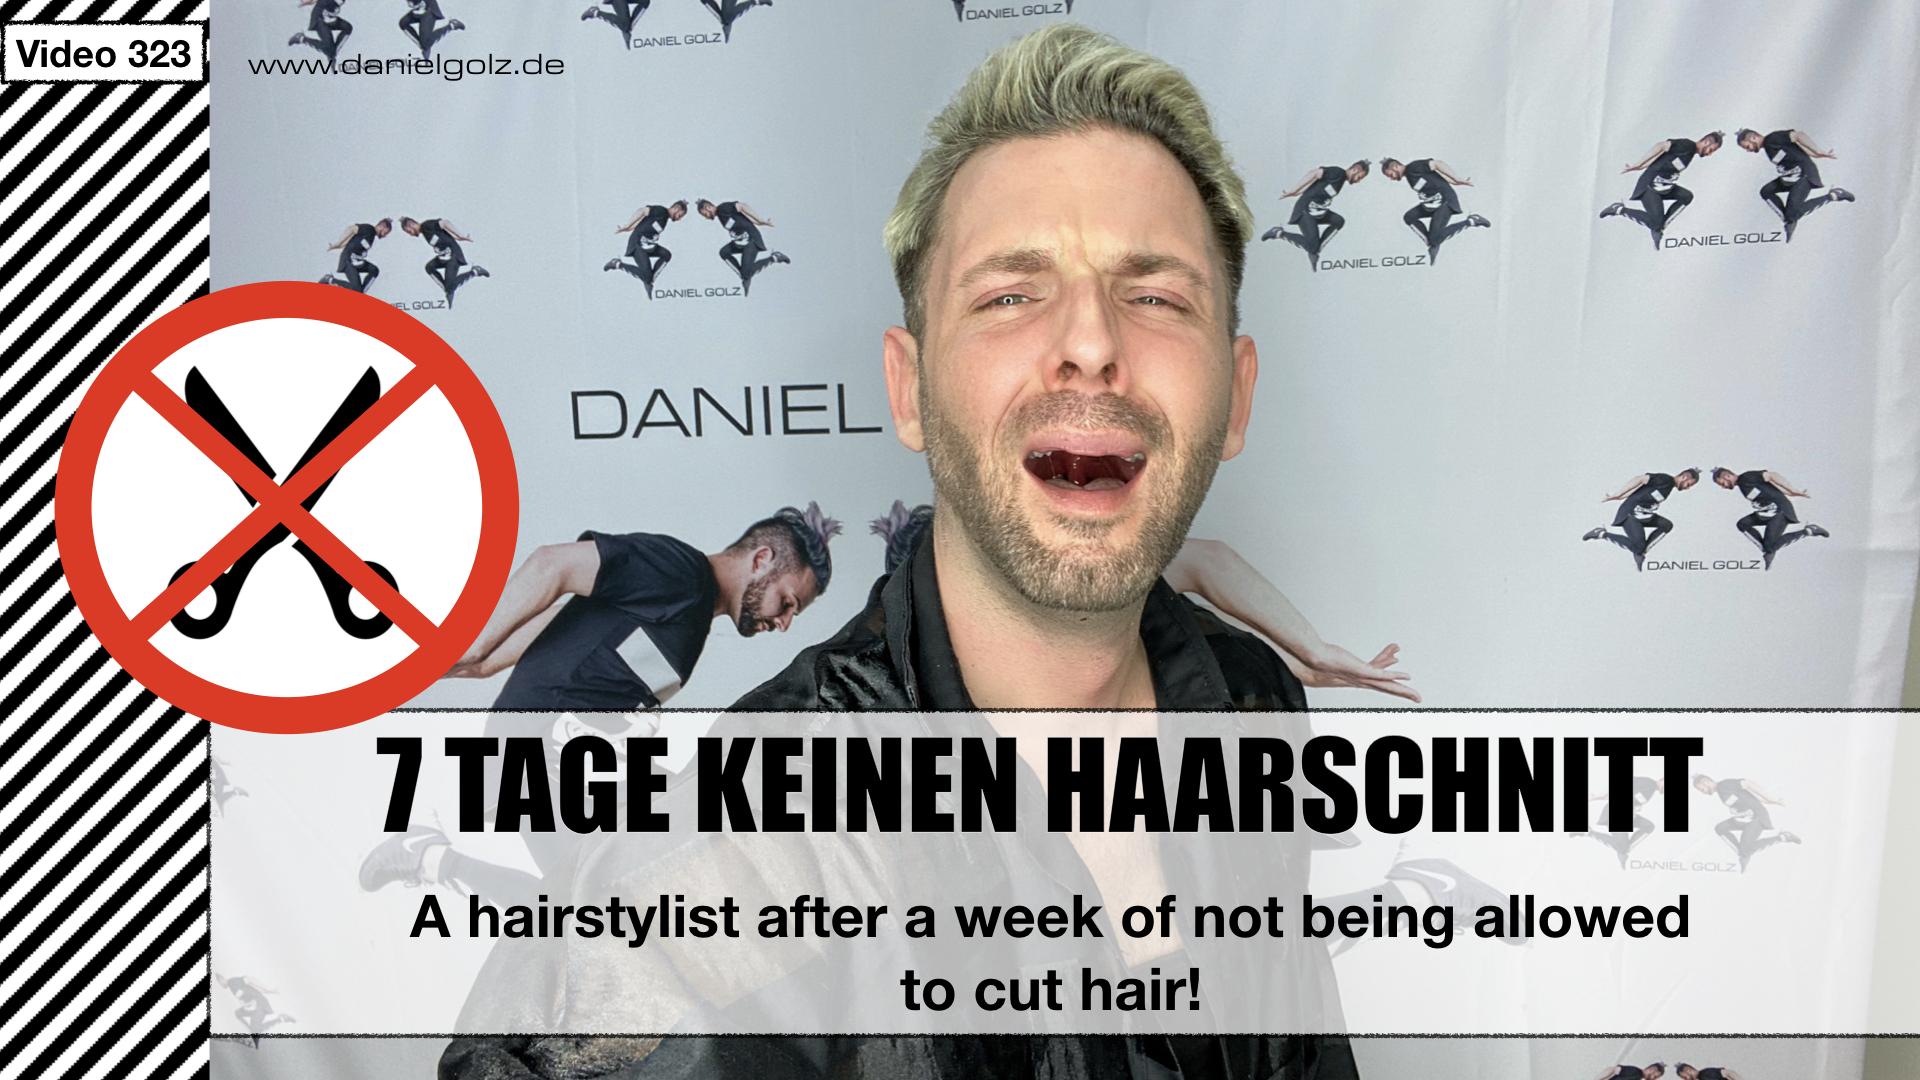 Ein Friseur nach einer Woche ohne Haare schneiden.